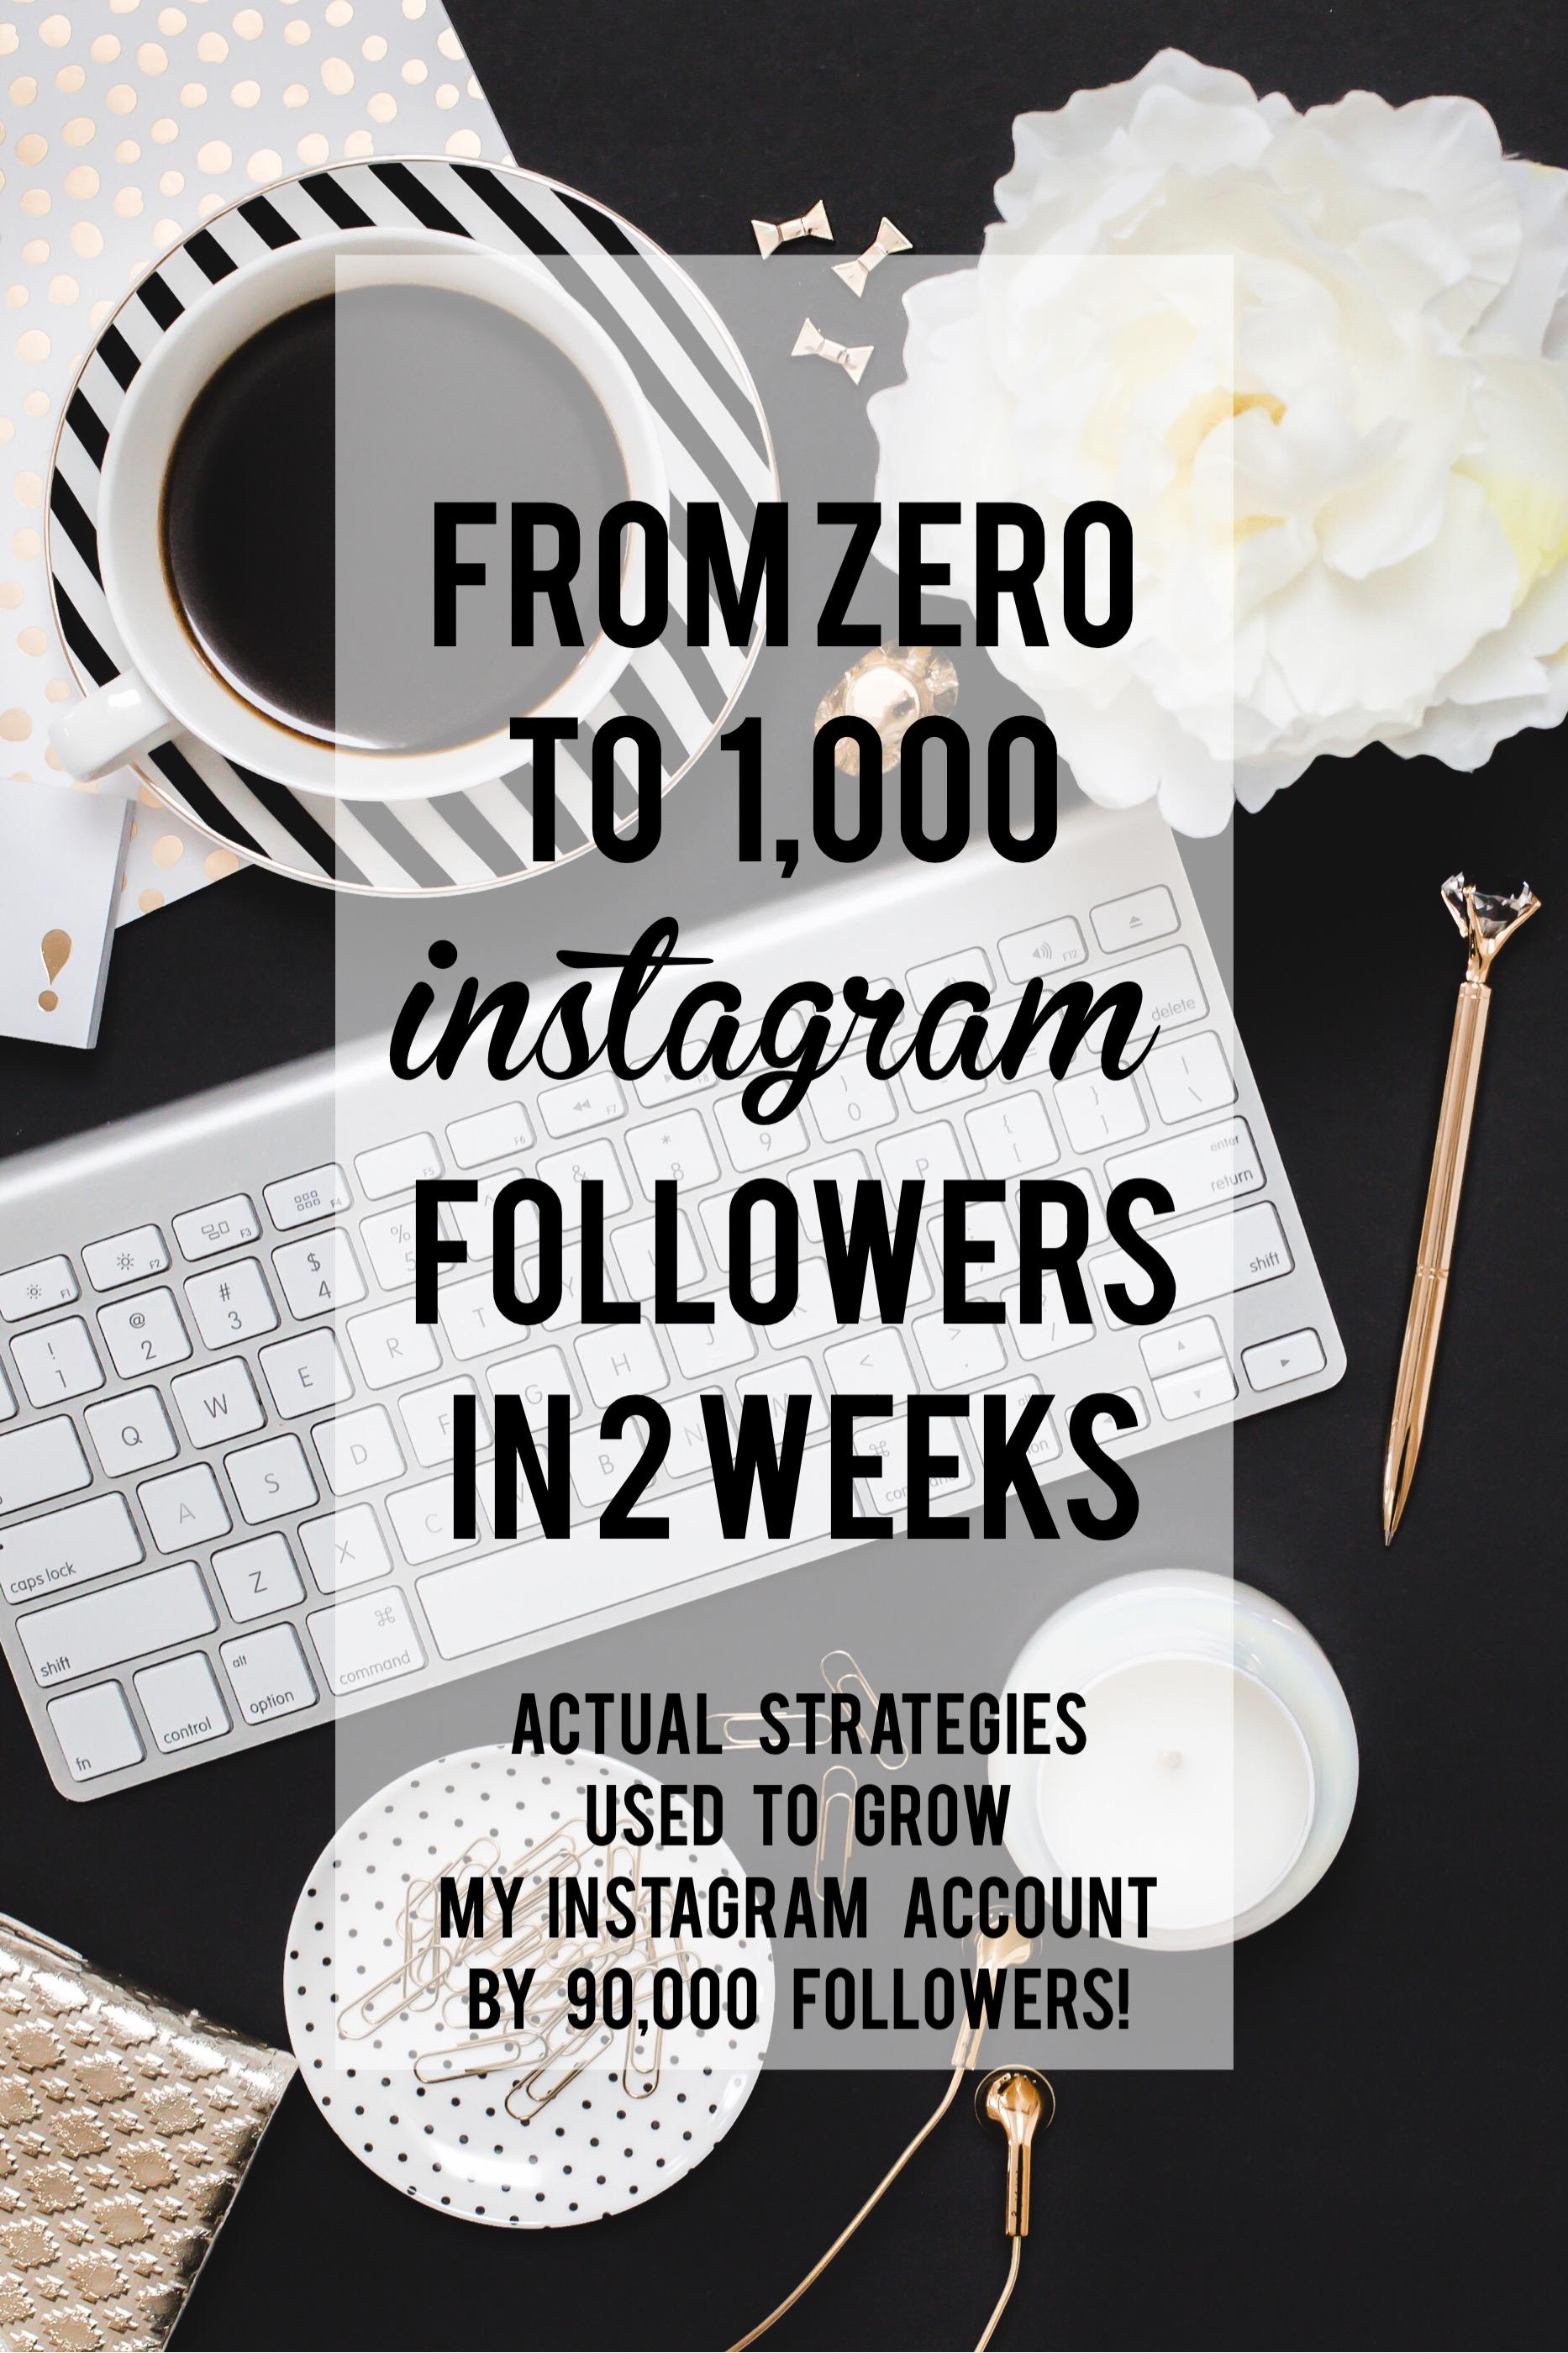 ZERO to 1000 INSTAGRAM FOLLOWERS IN 14 DAYS!